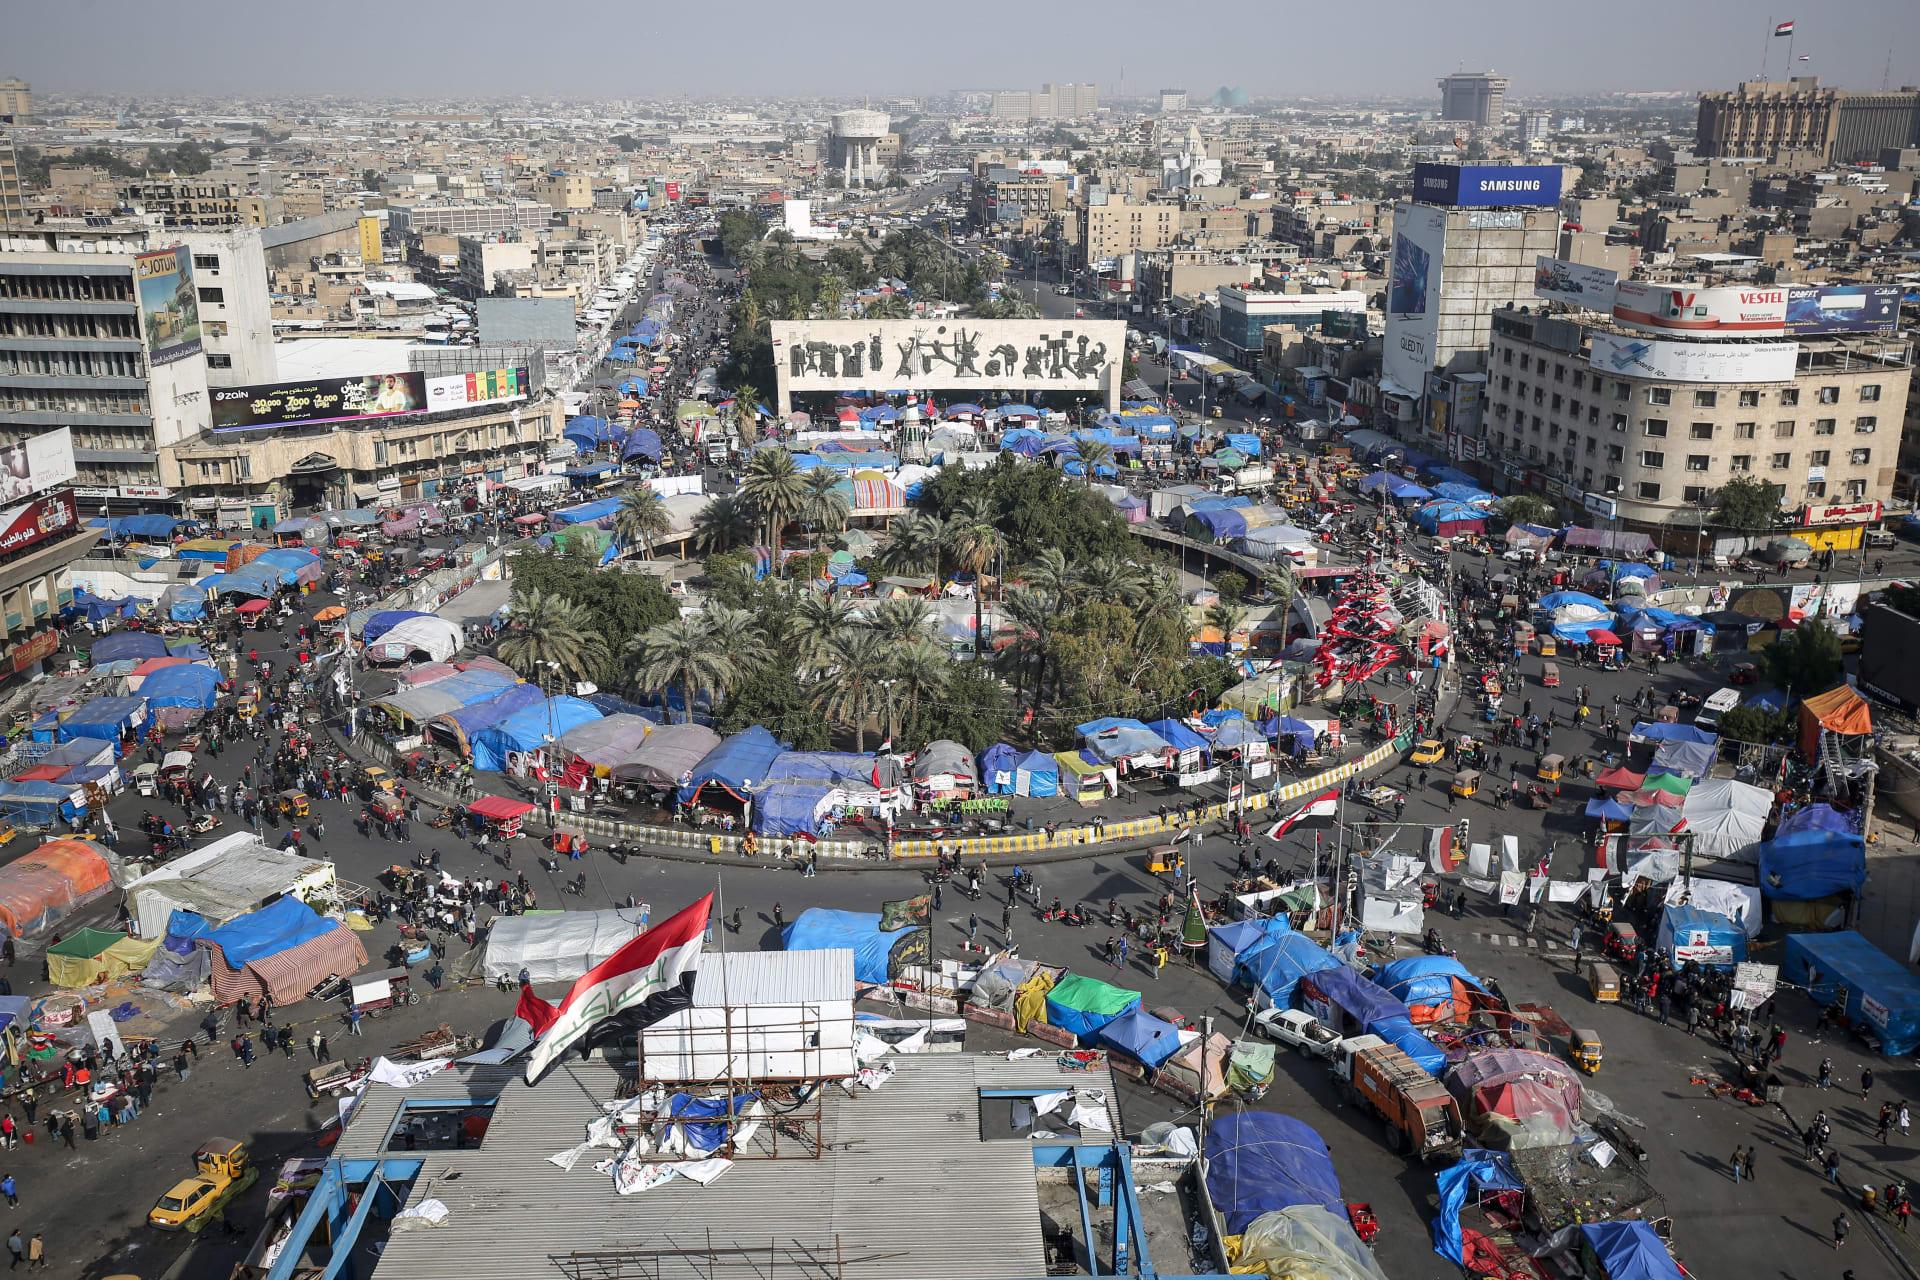 ساحة التحرير في وسط العاصمة العراقية بغداد